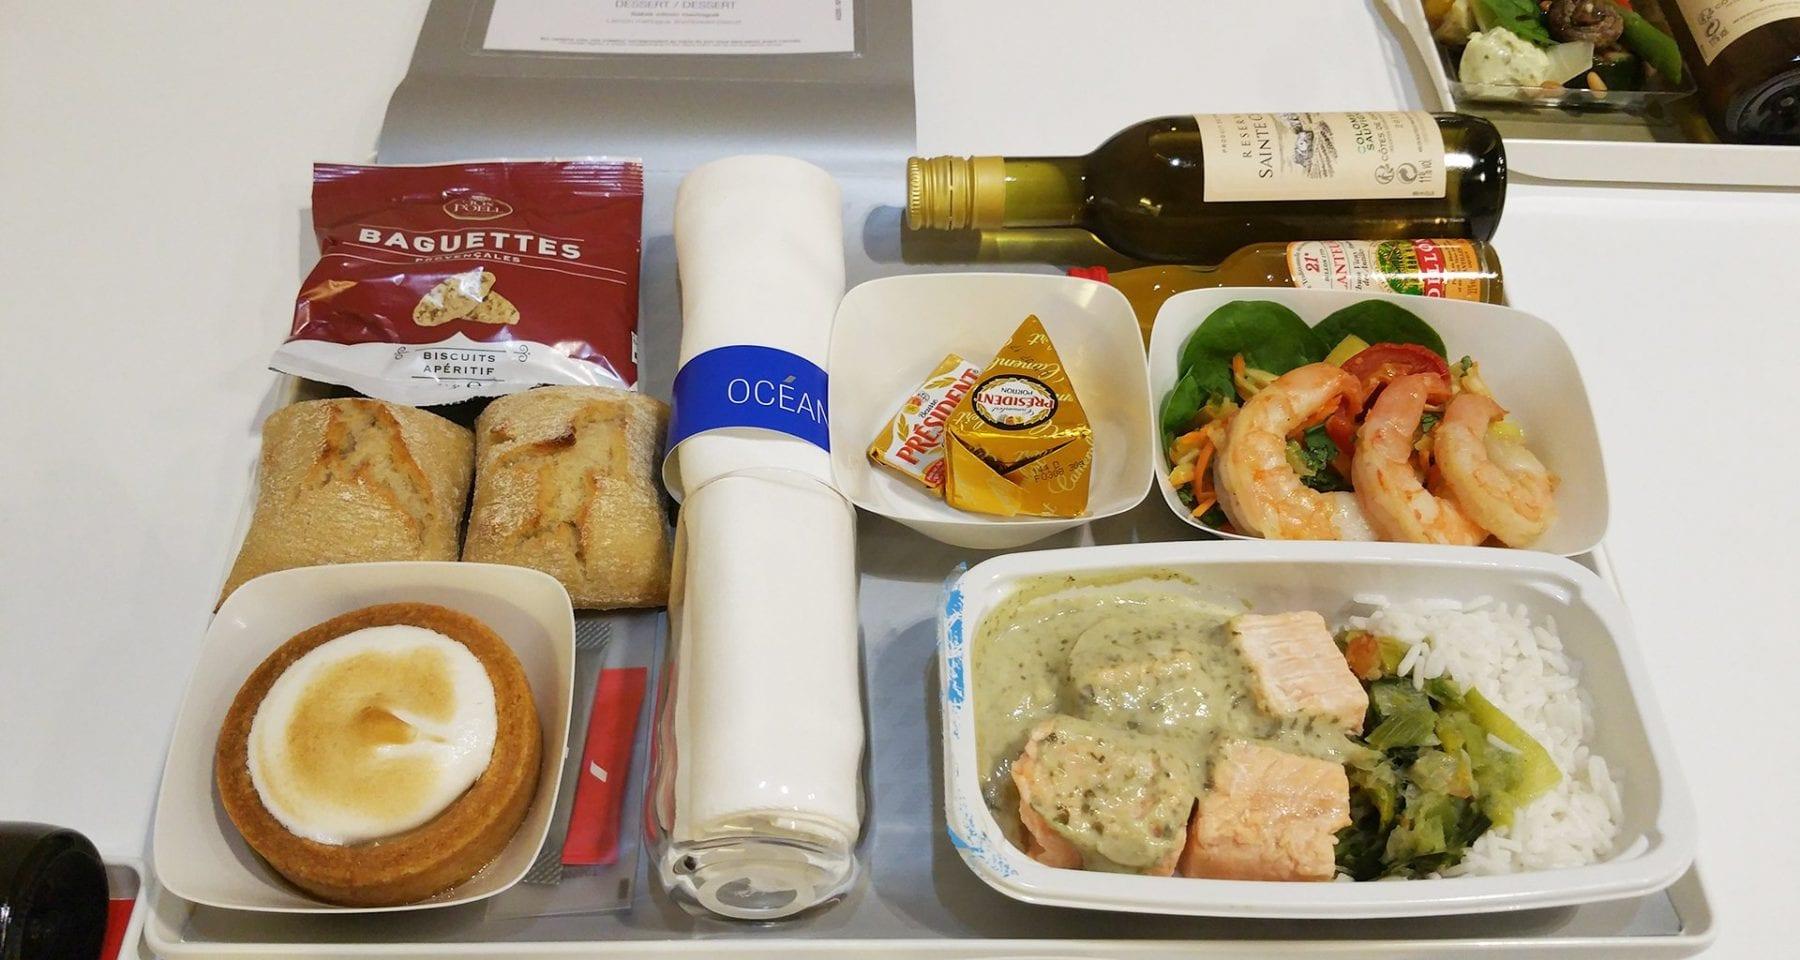 air france ocean meal economy class